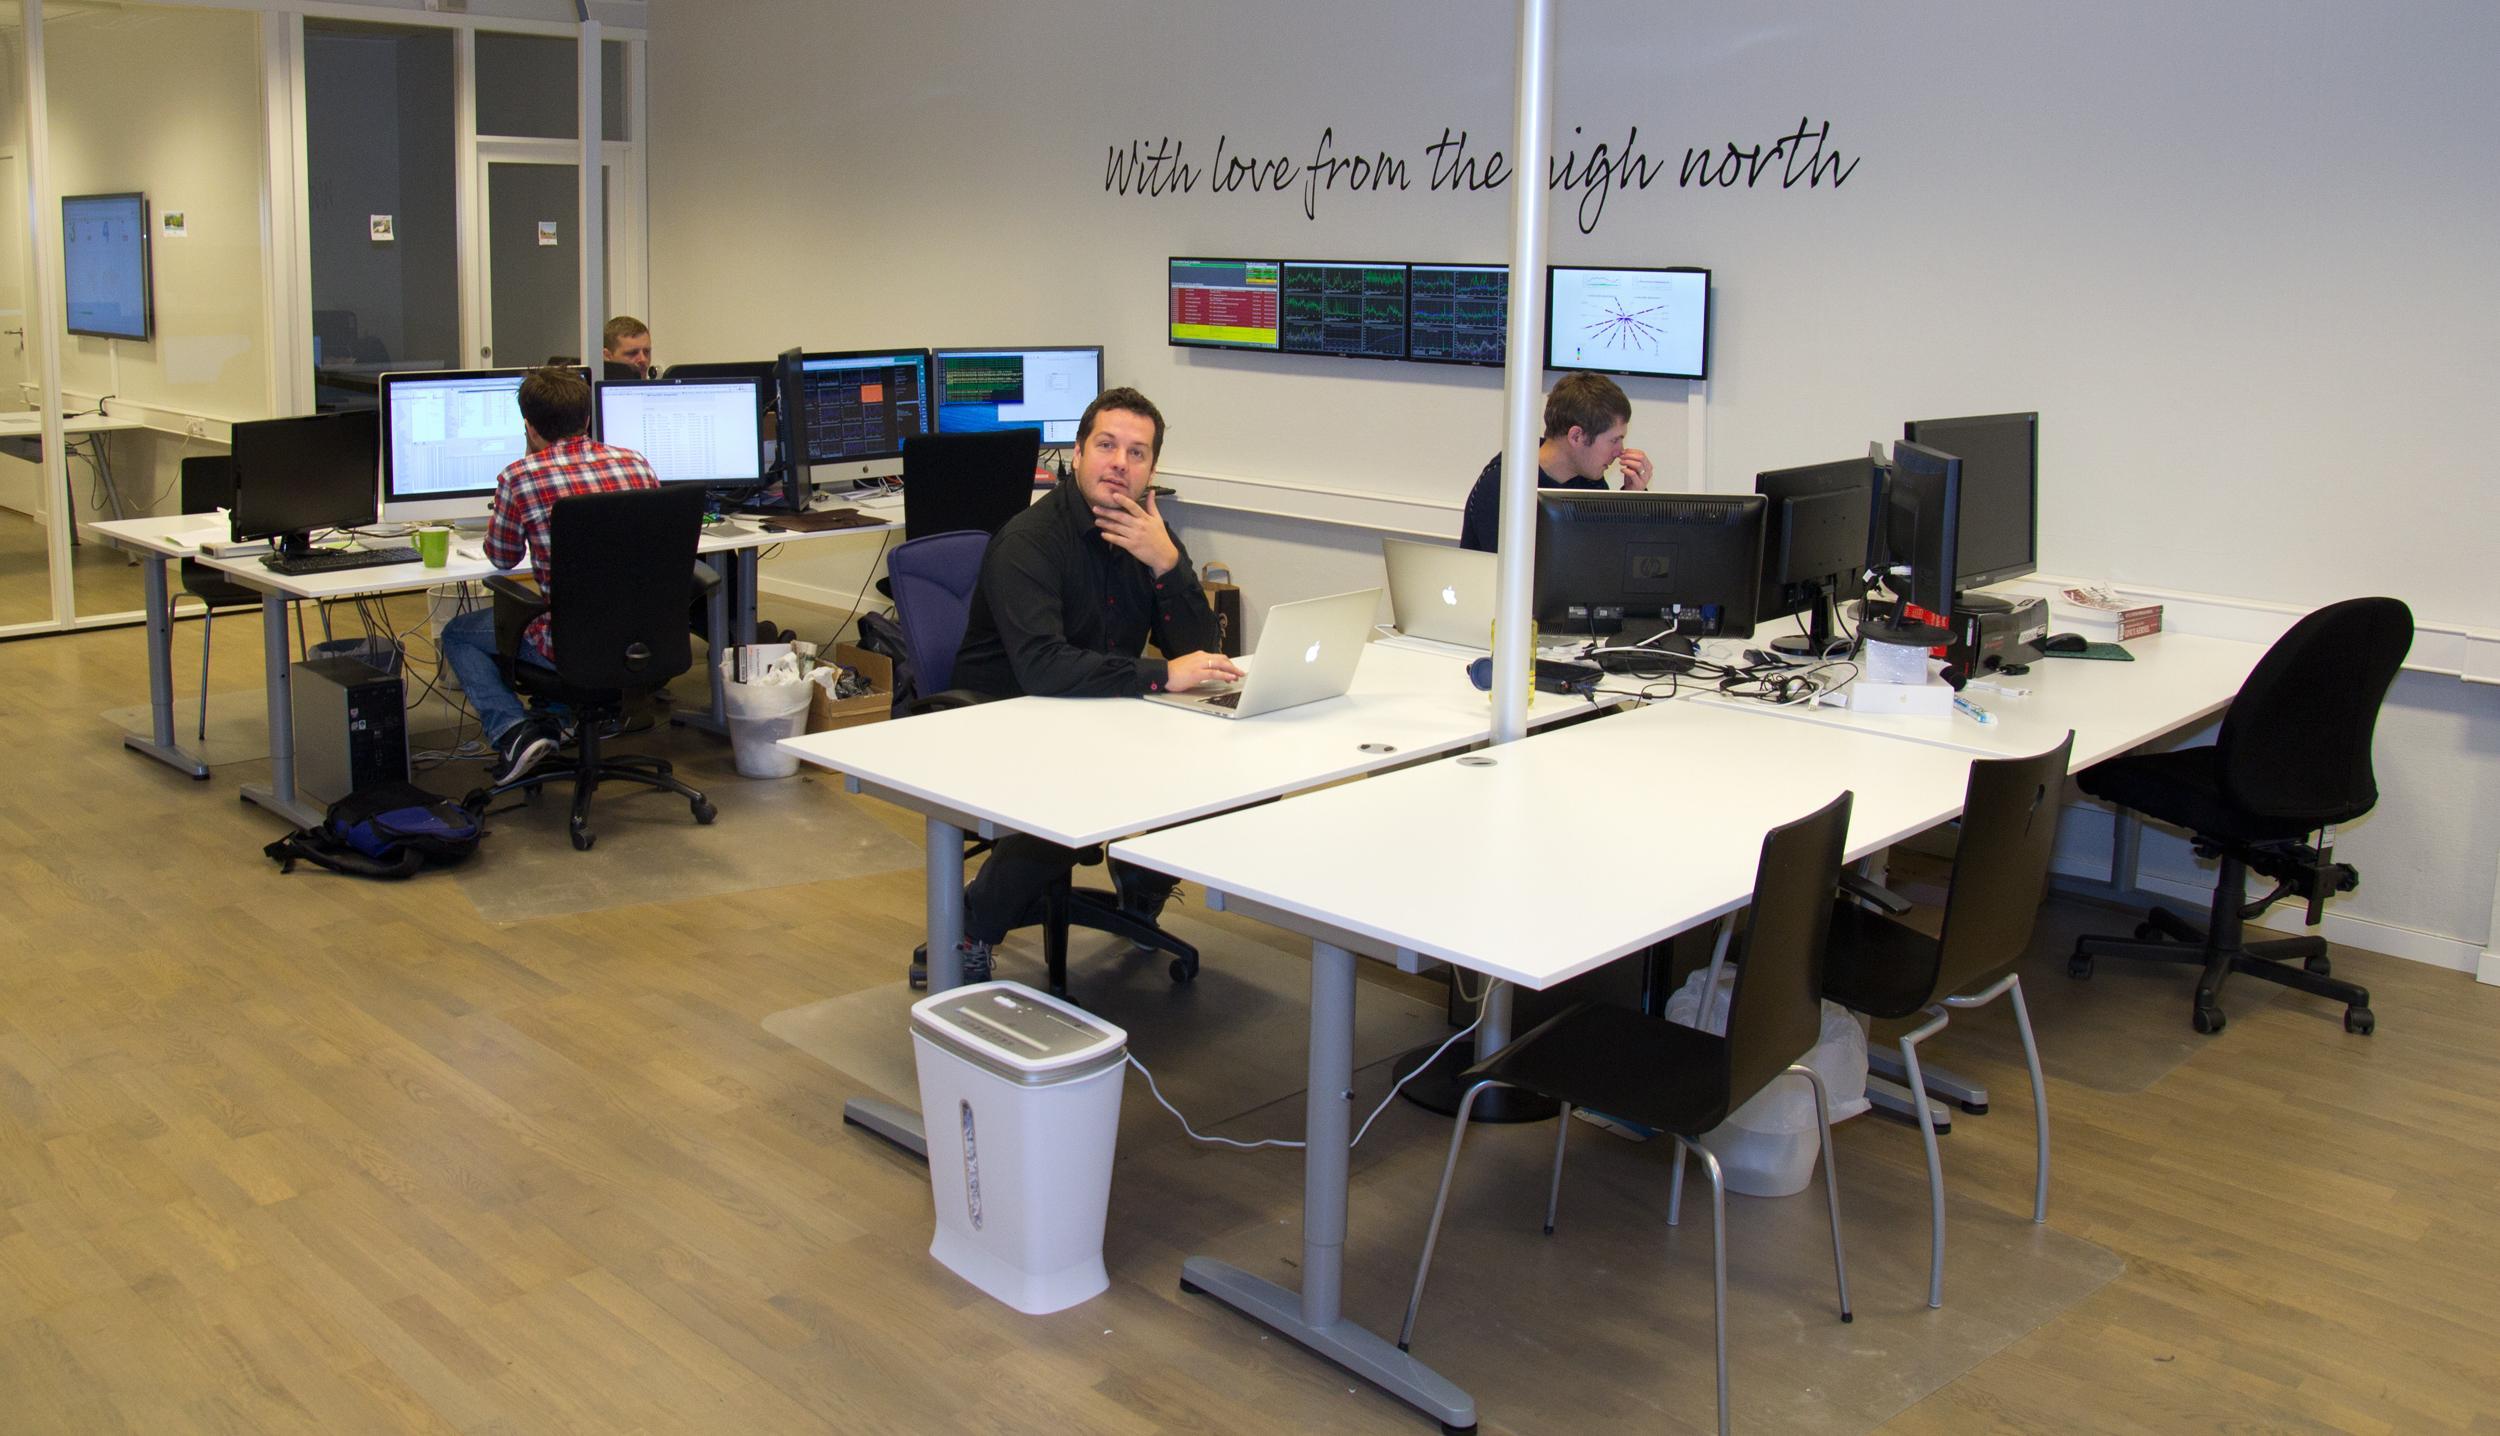 Et virkelig trivelig kontormiljø.Foto: Rolf B. Wegner, Hardware.no